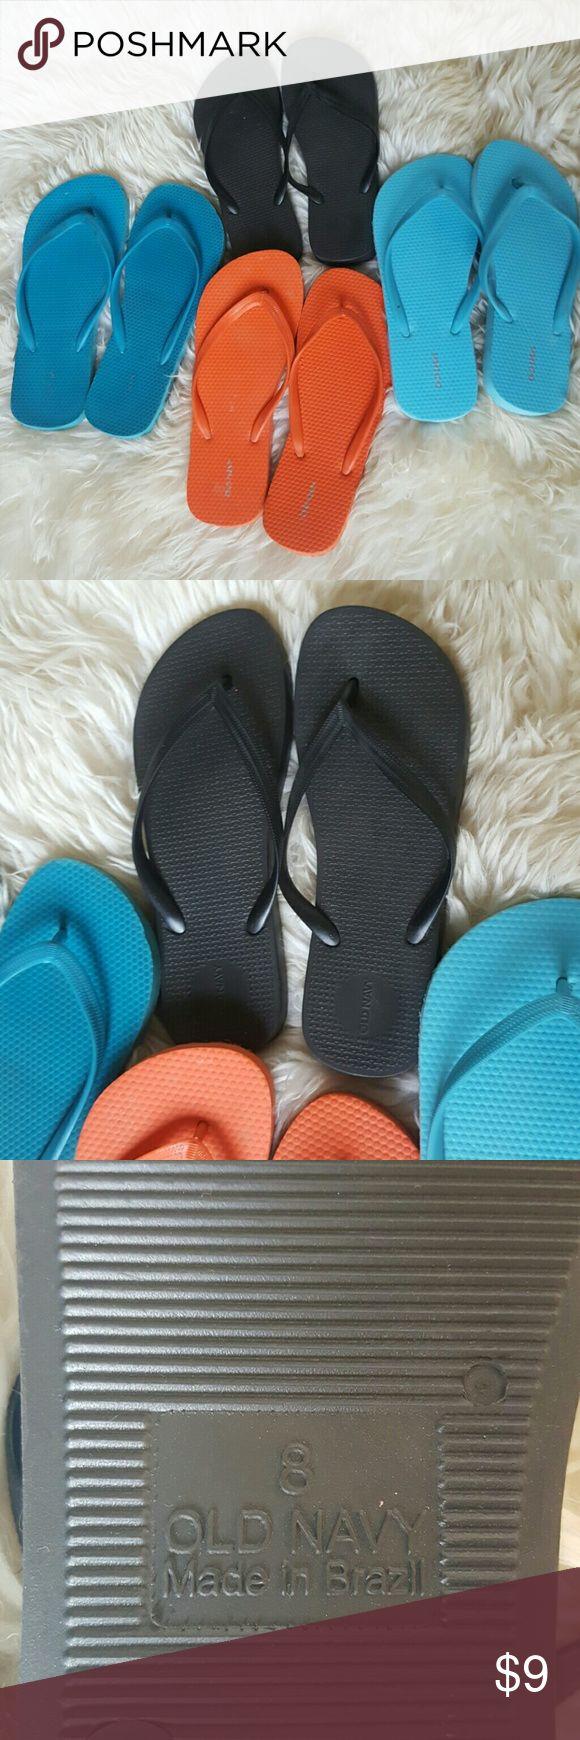 Black sandals old navy - Old Navy Flip Flop Bundle